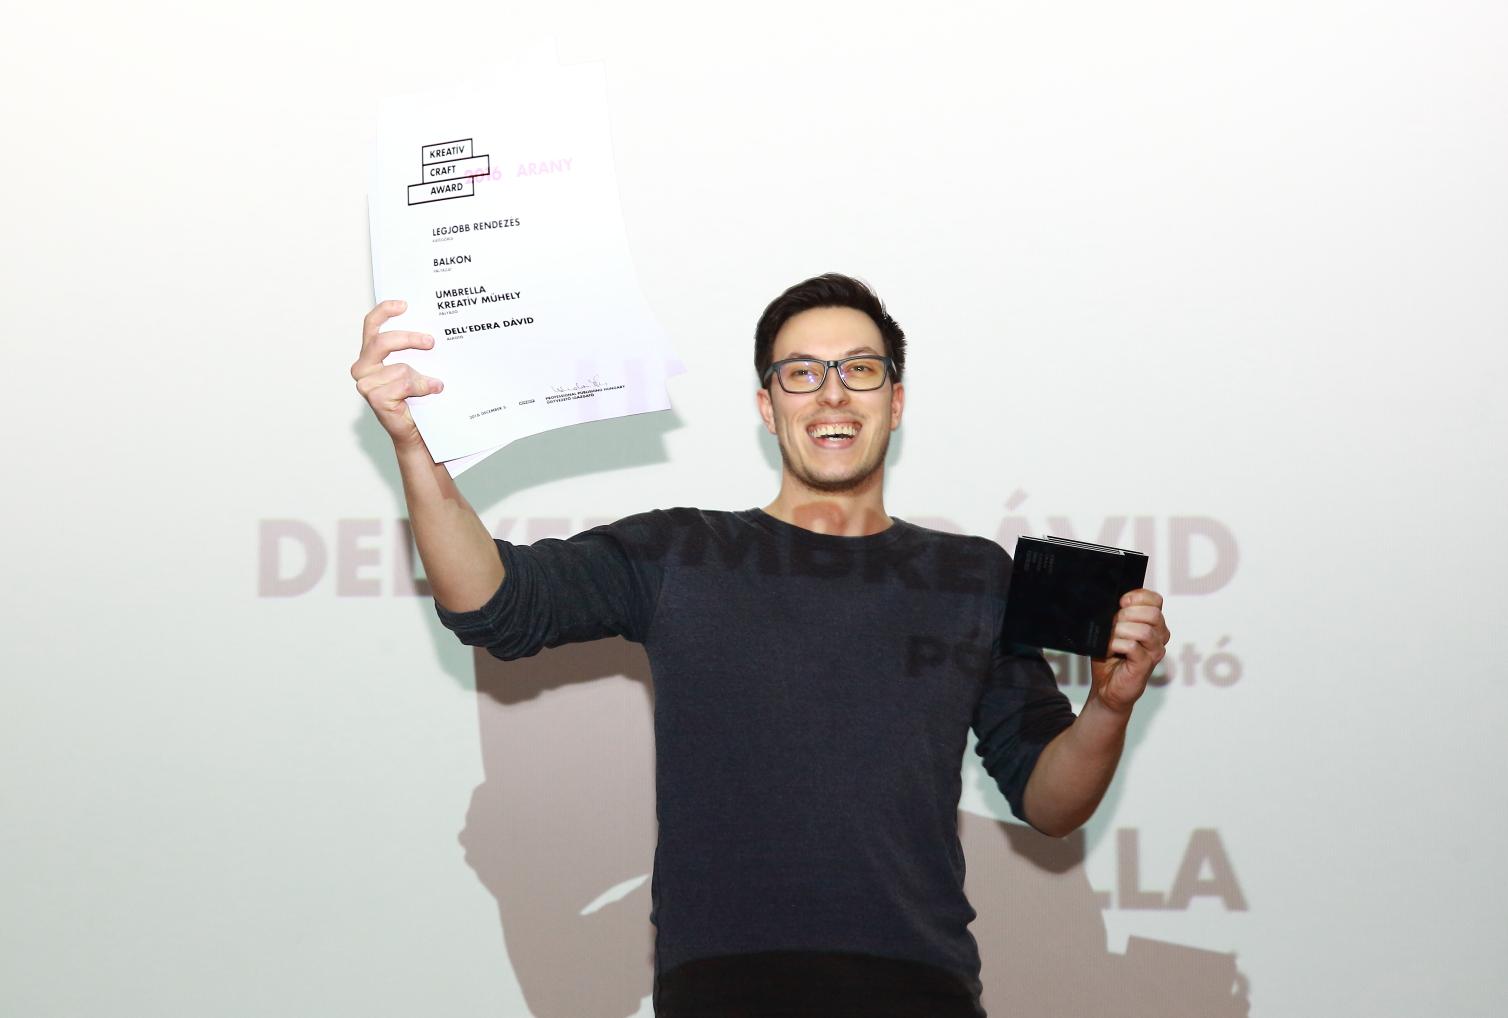 delledera_david_balkon_kreativ_craft_award.jpg